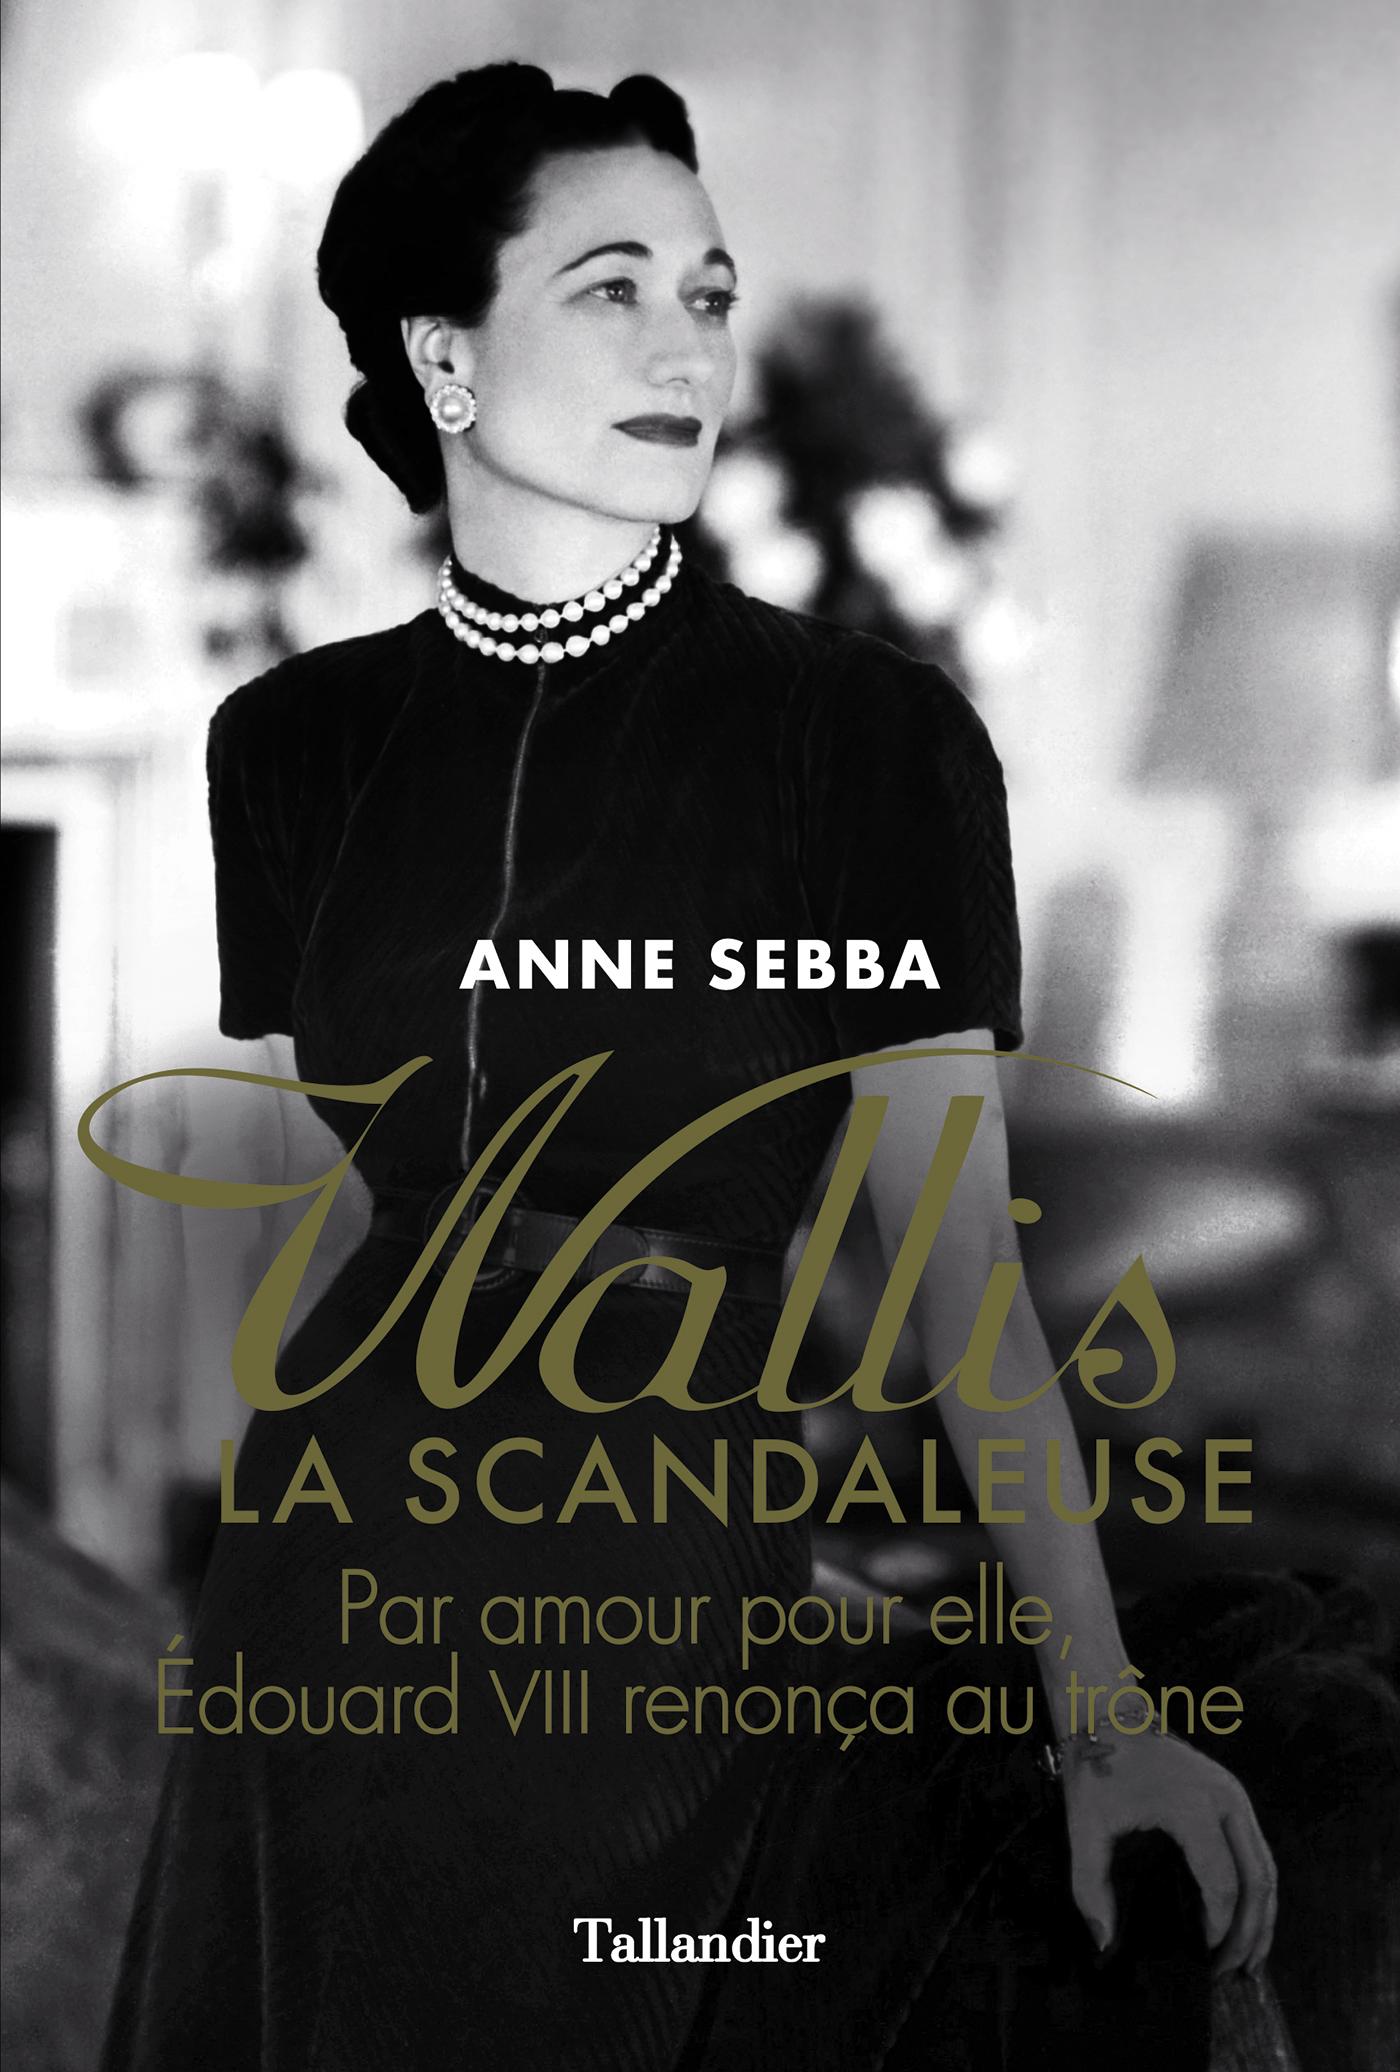 Wallis la scandaleuse-crg.indd